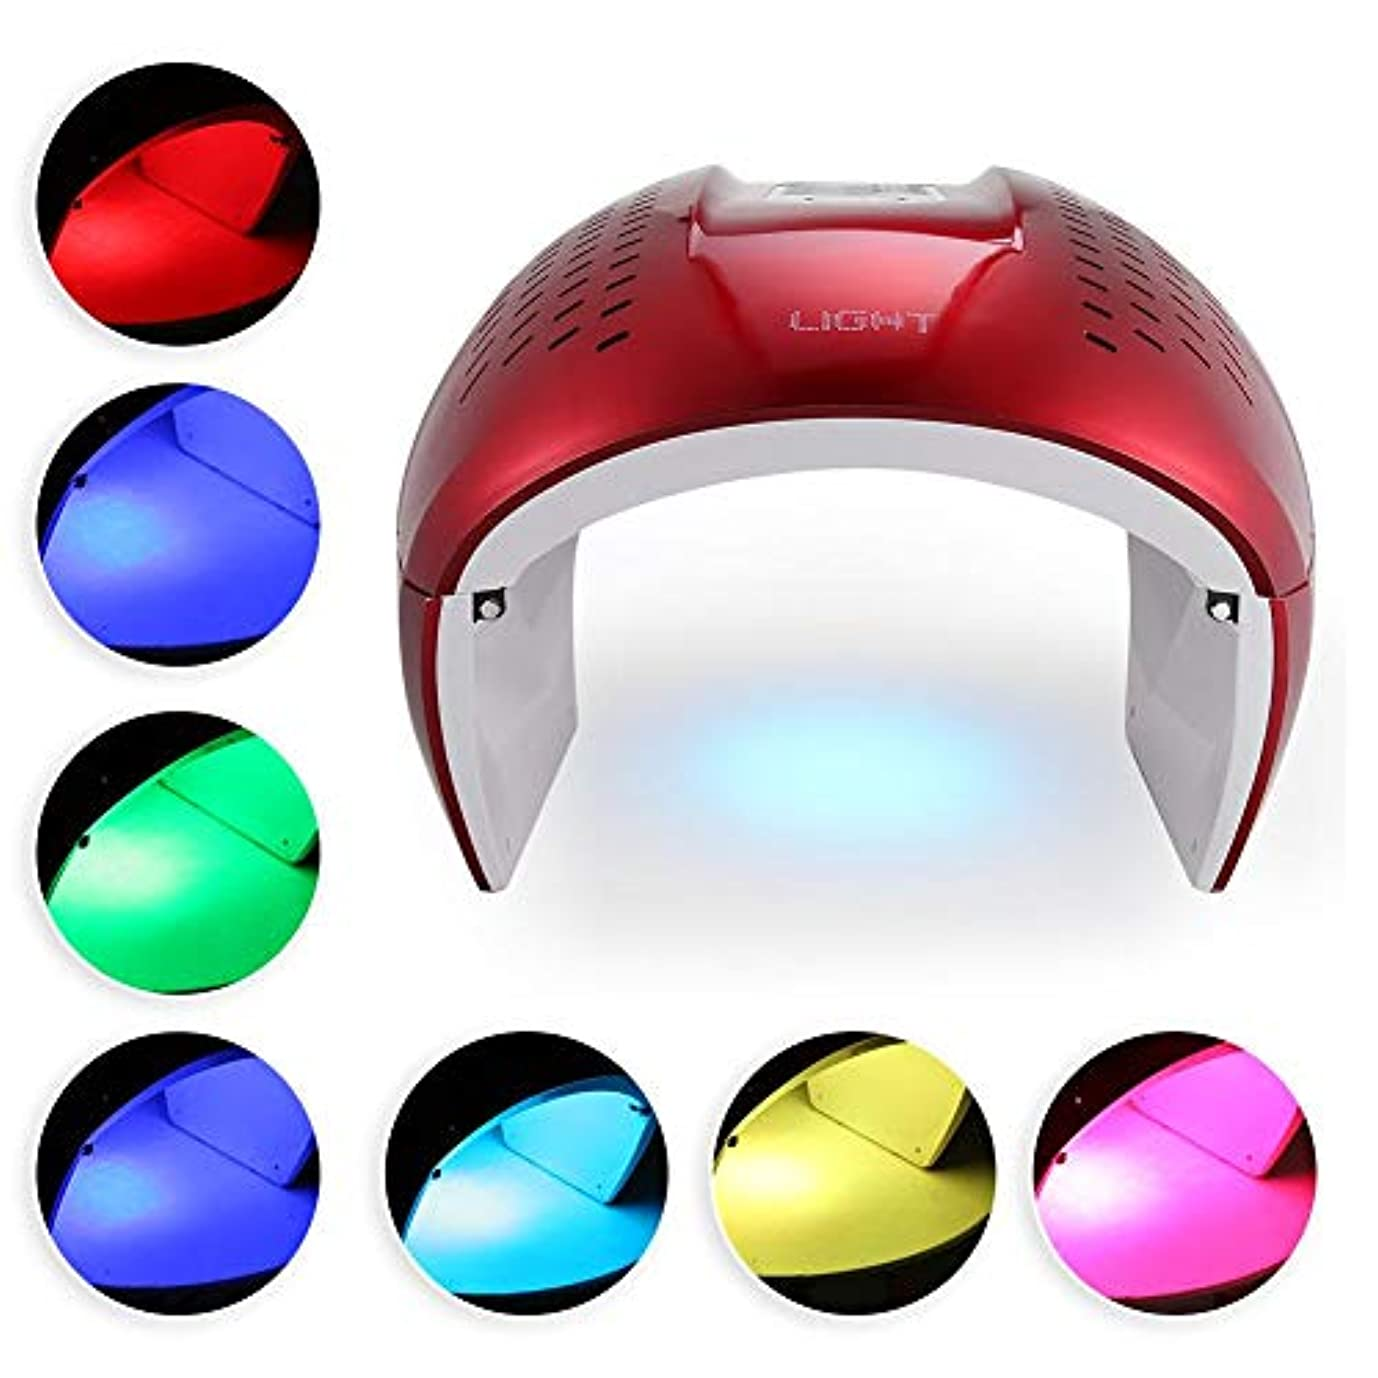 恐ろしいユーザー動物7色のPDT LEDレッドブルーライトフェイスマシンセラピーアンチにきびの除去顔の皮膚の若返りライトセラピー美容デバイスのマスク